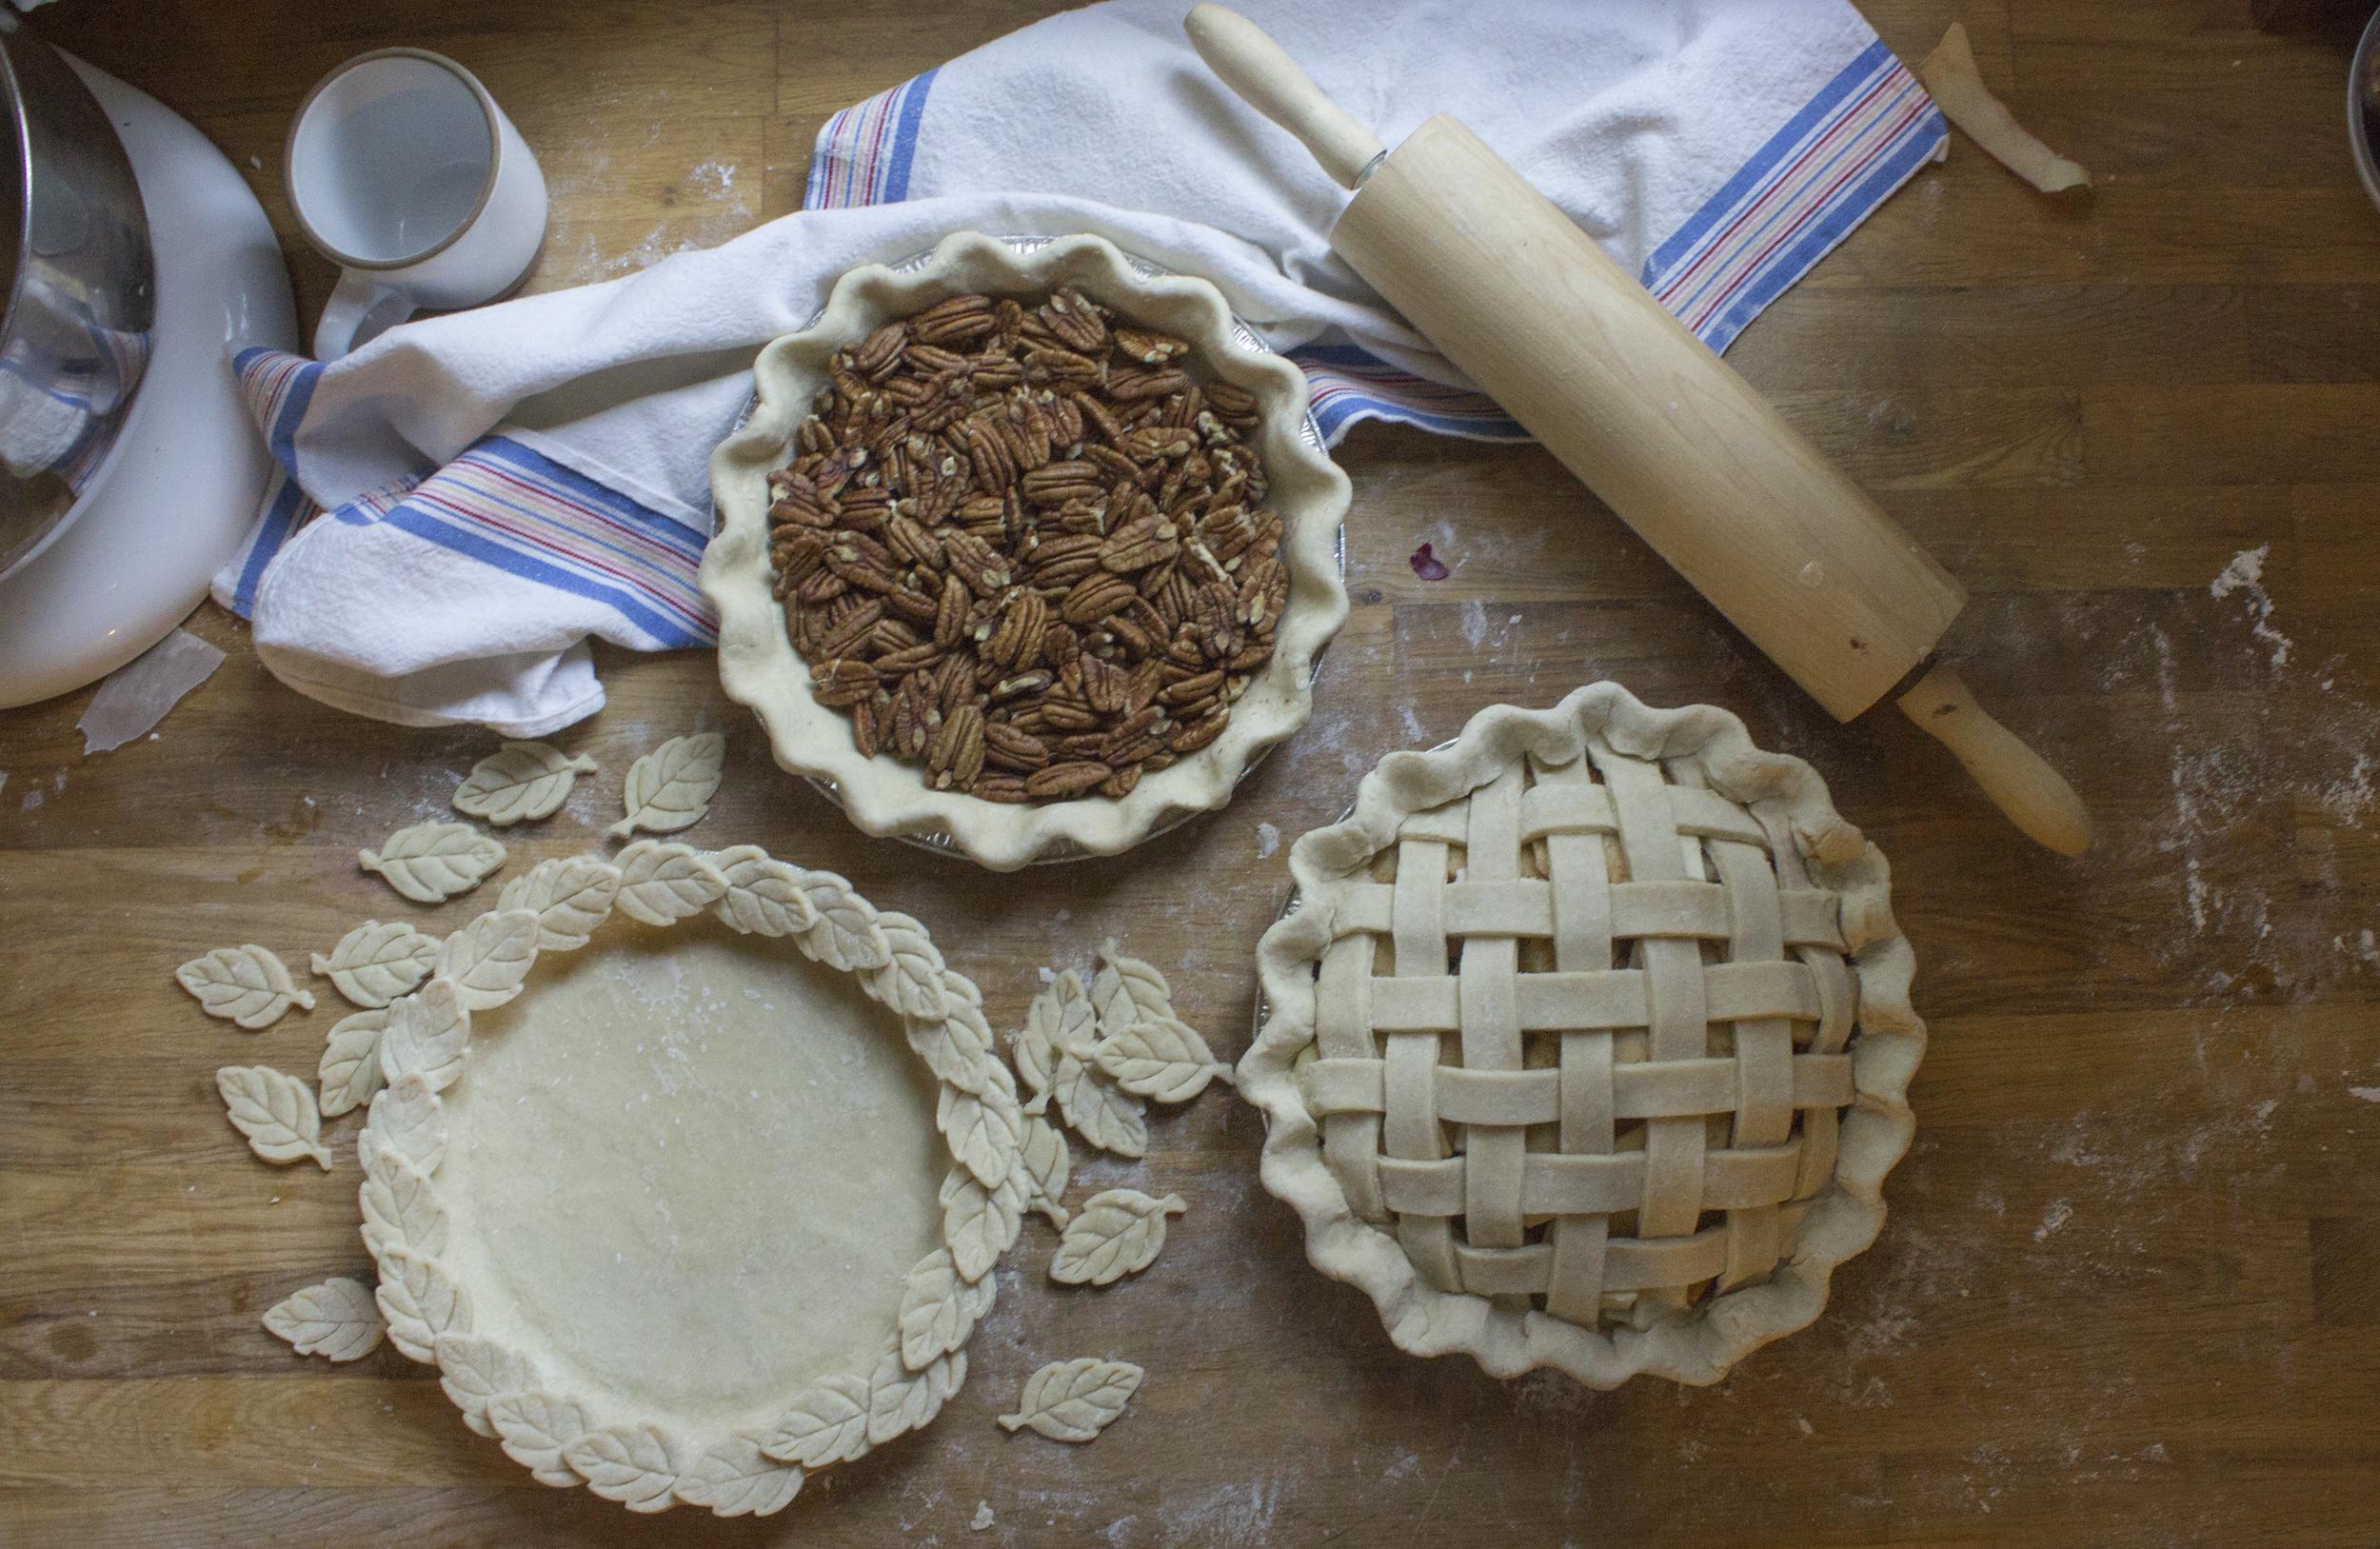 Pies2.jpg